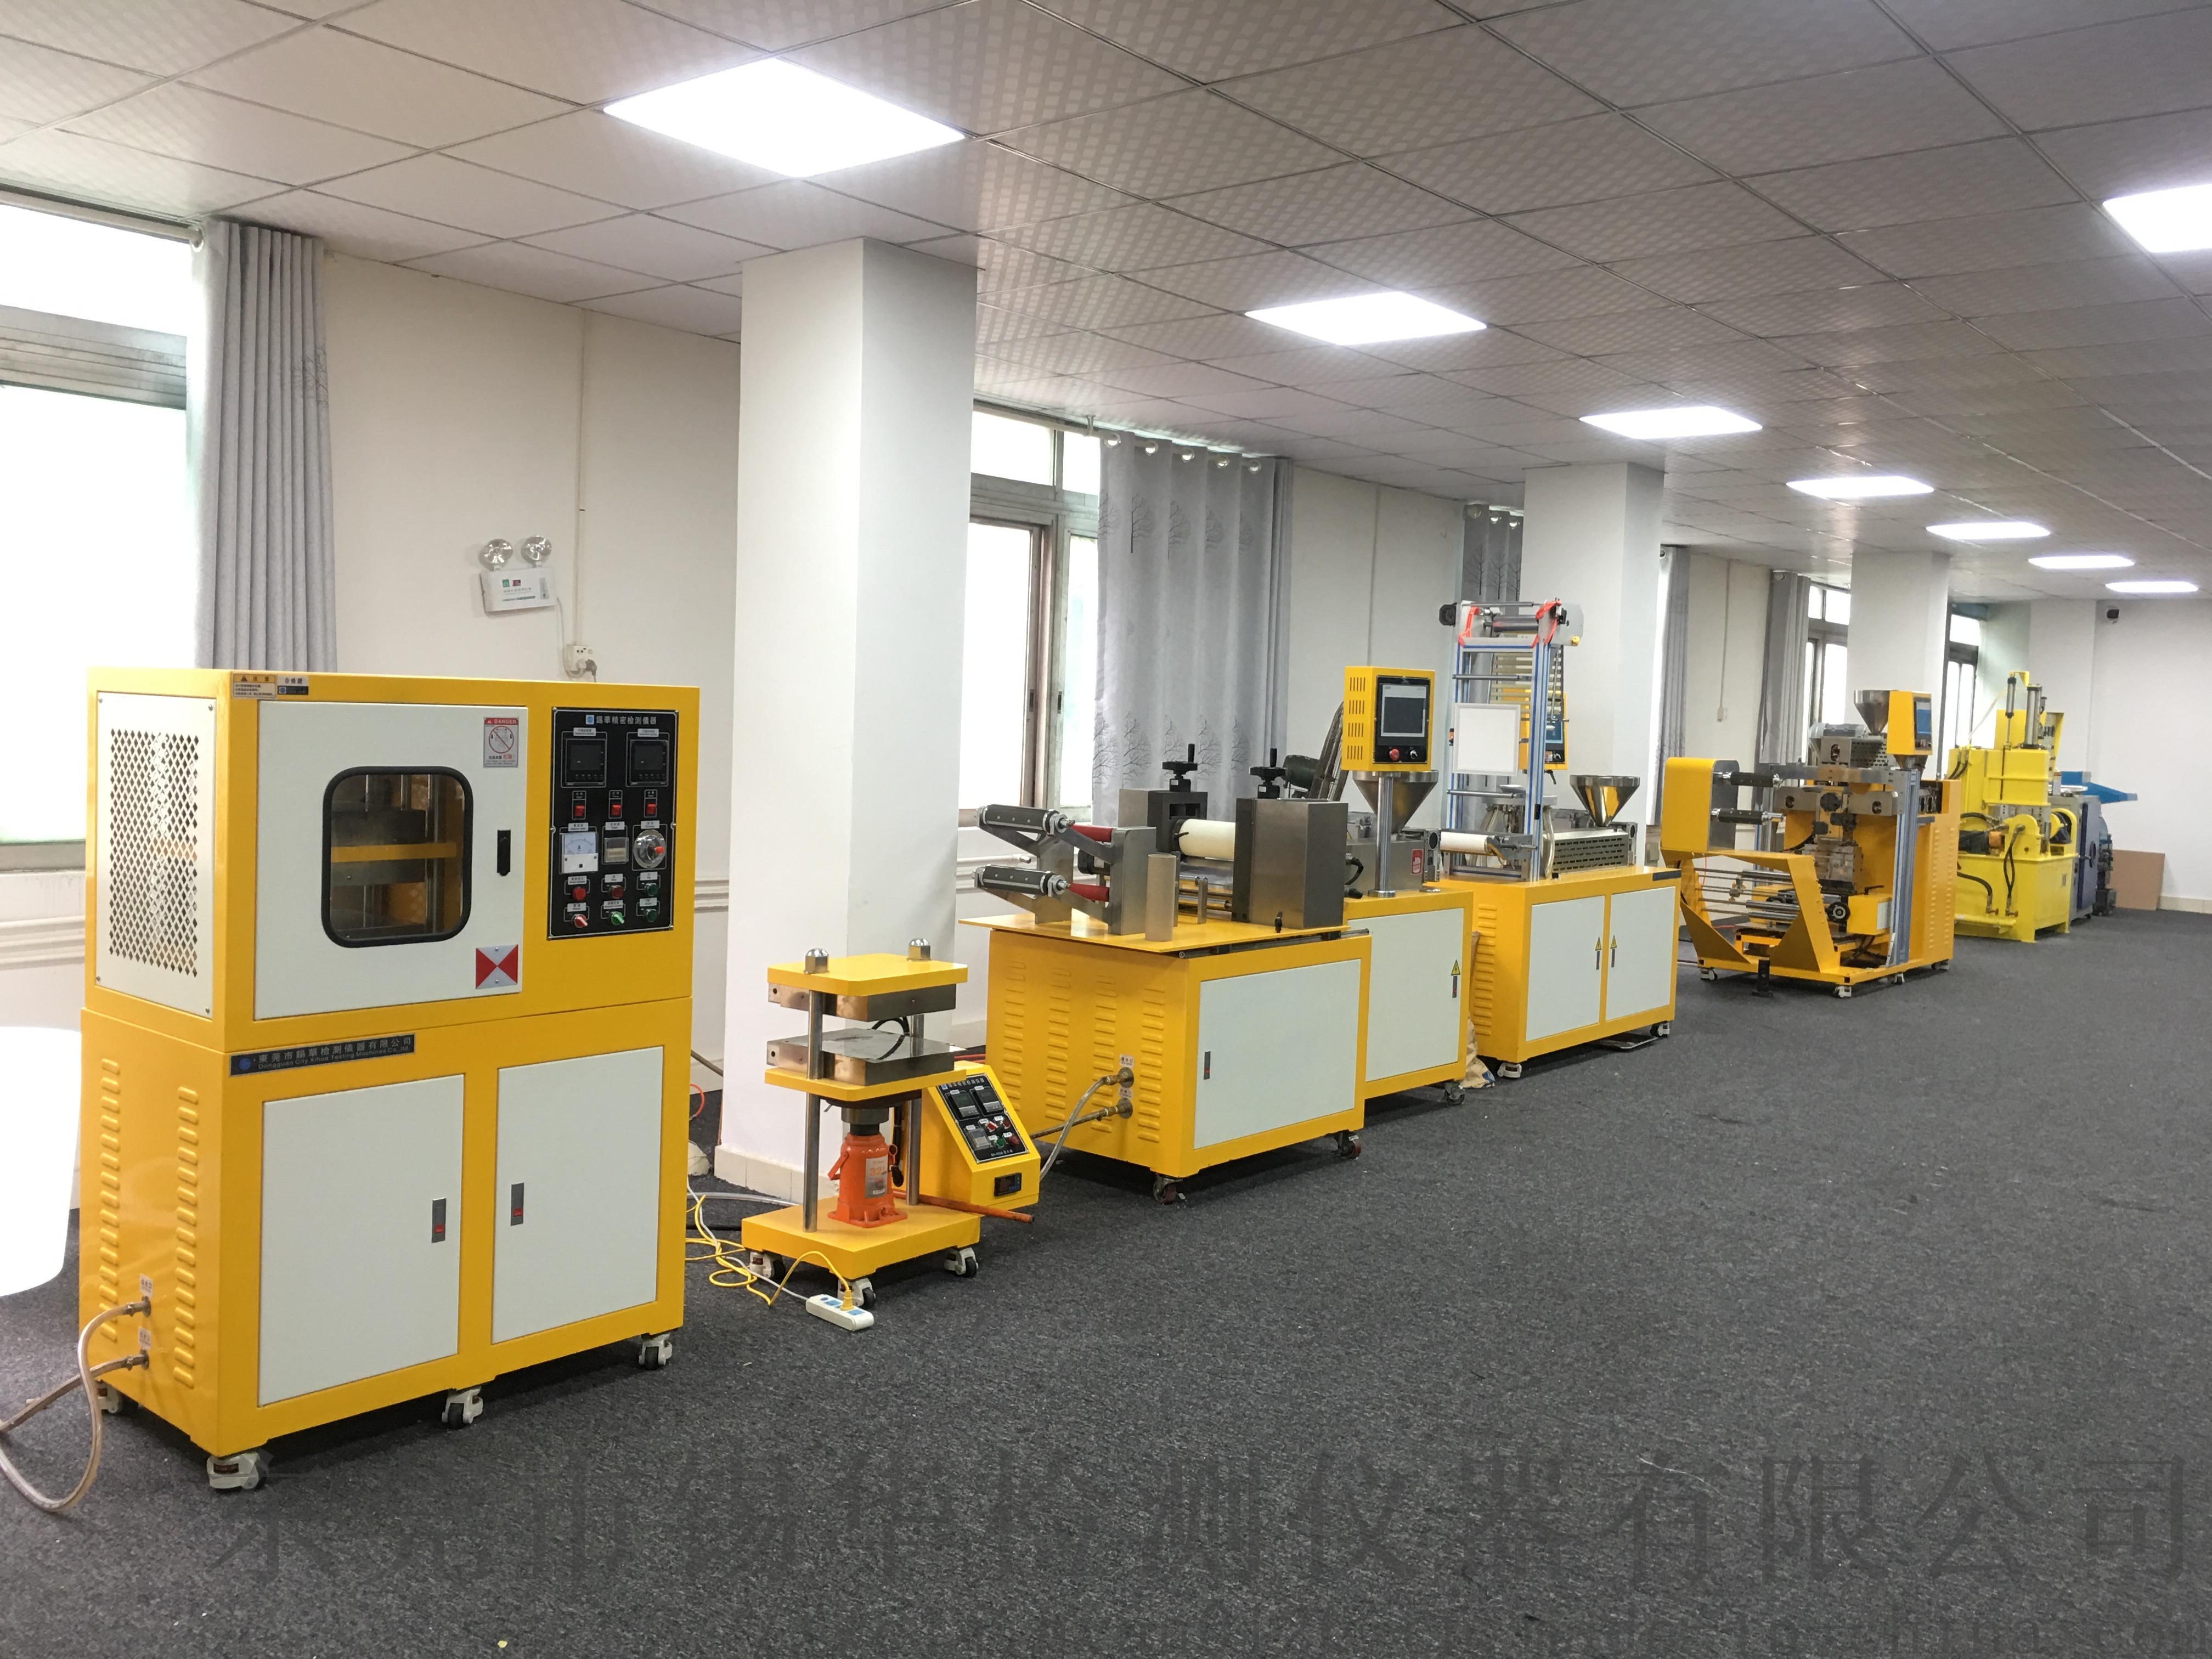 平板硫化机 小型平板硫化机 实验平板硫化机811687995